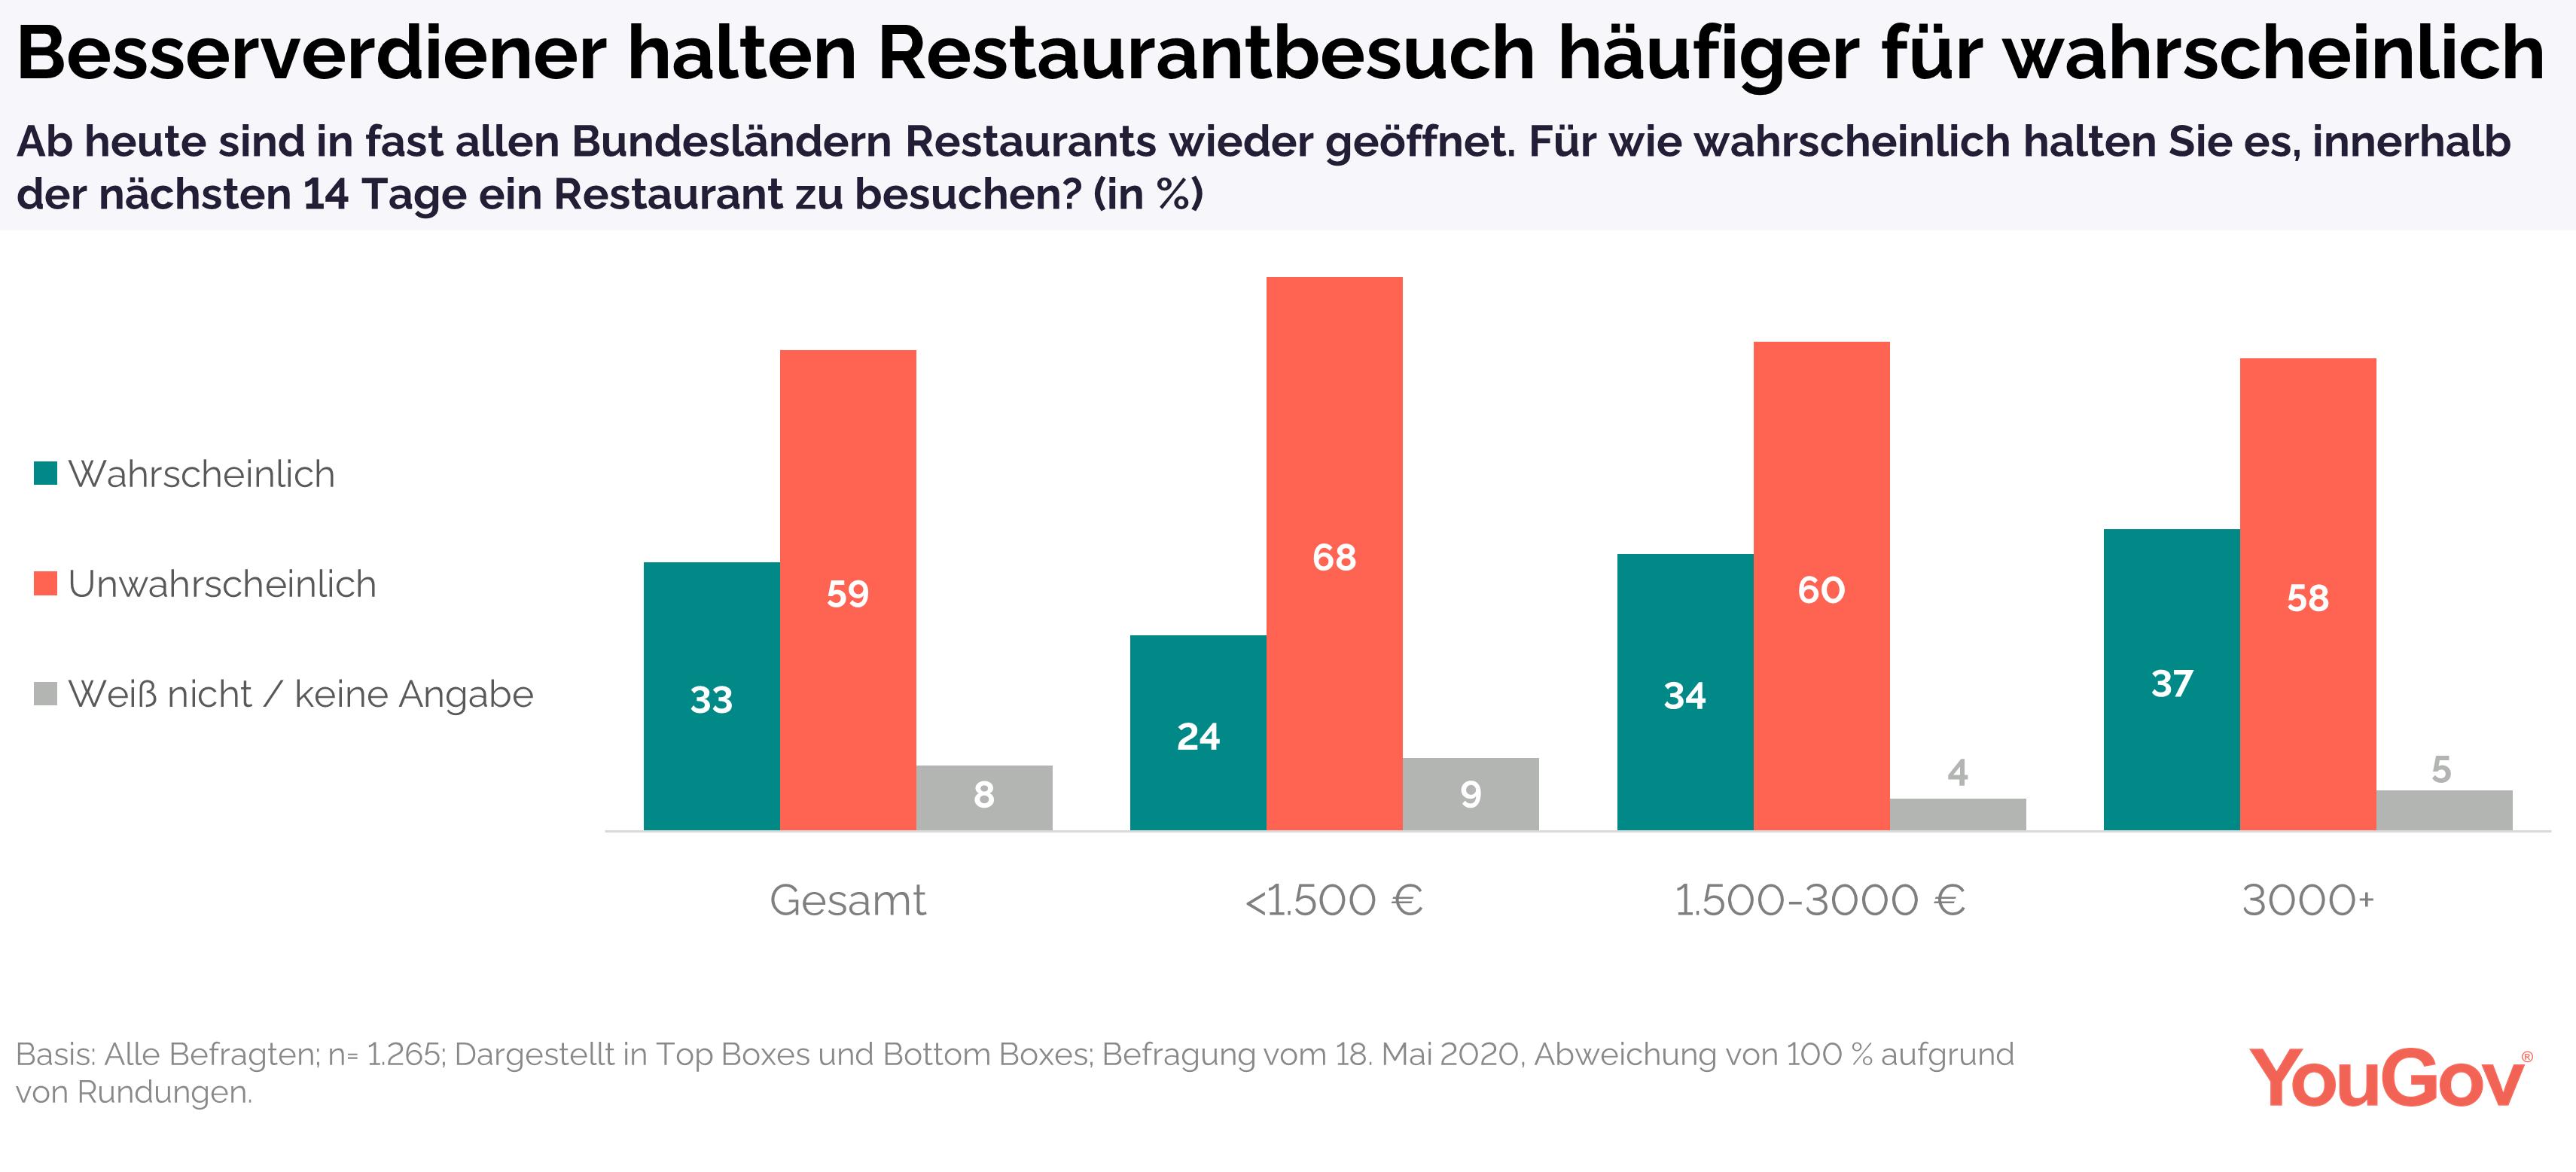 Restaurantbesuch für Besserverdiener häufiger wahrscheinlich